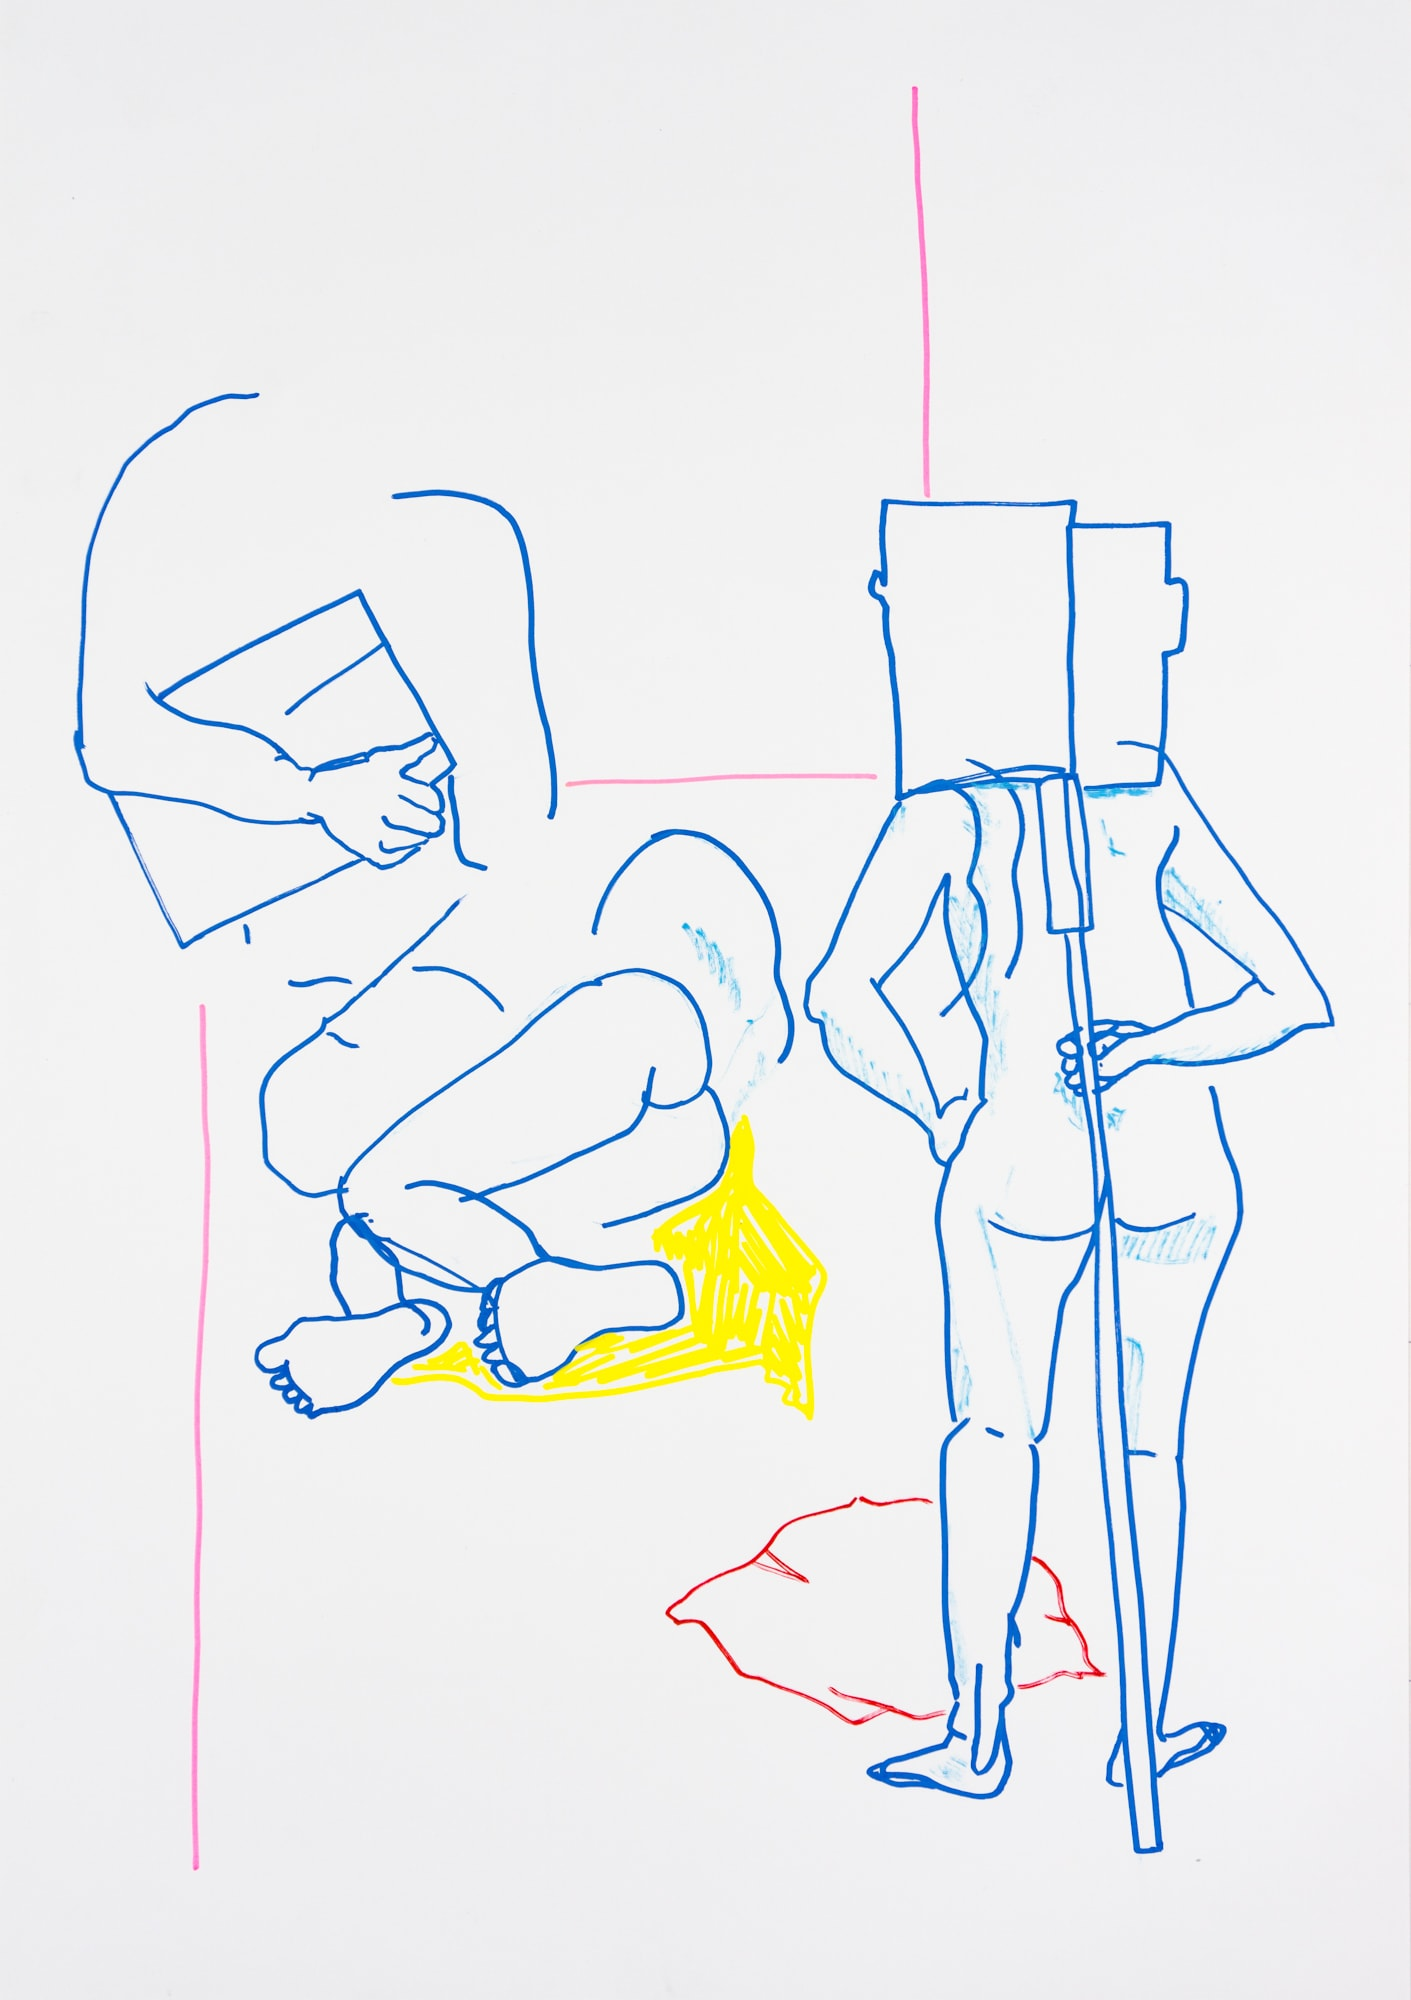 Zeichnung, Acrylmarker auf Papier, 42x59,4cm, Akt, Künstlerin: Franziska King